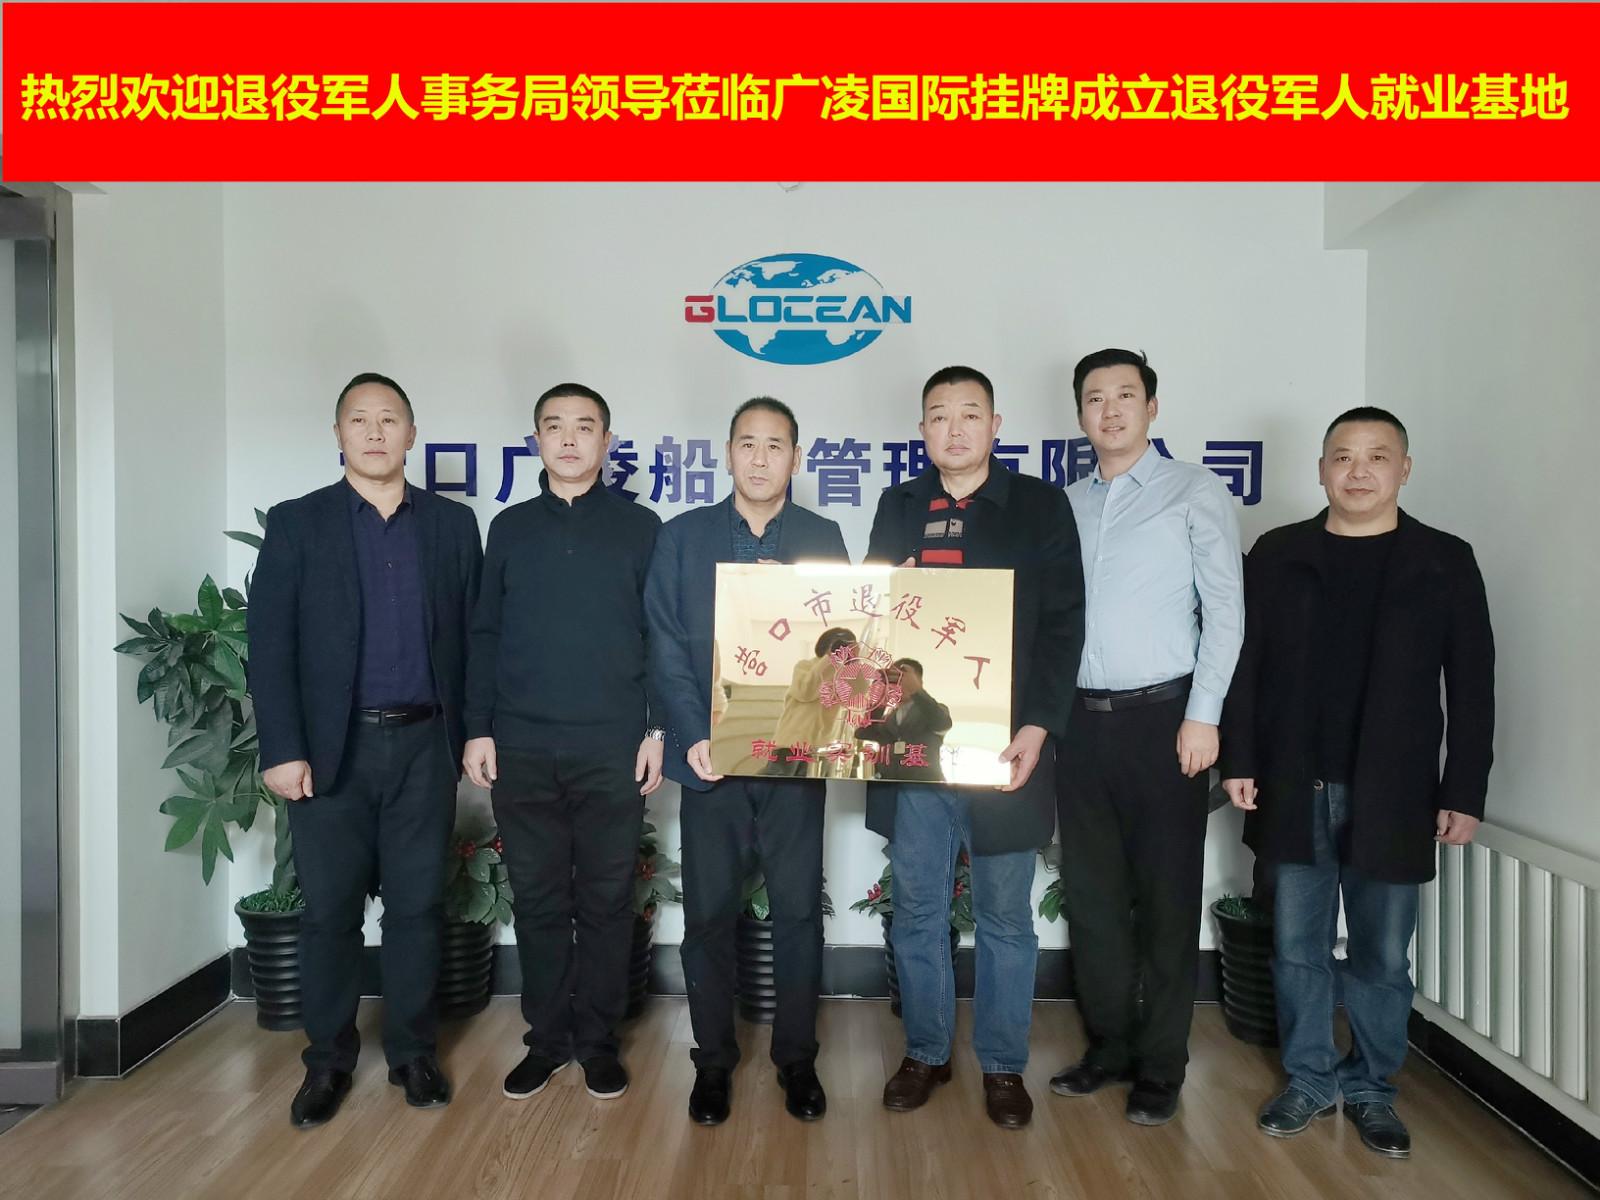 营口市退役军人事务局为广凌集团挂牌成立退役军人就业基地